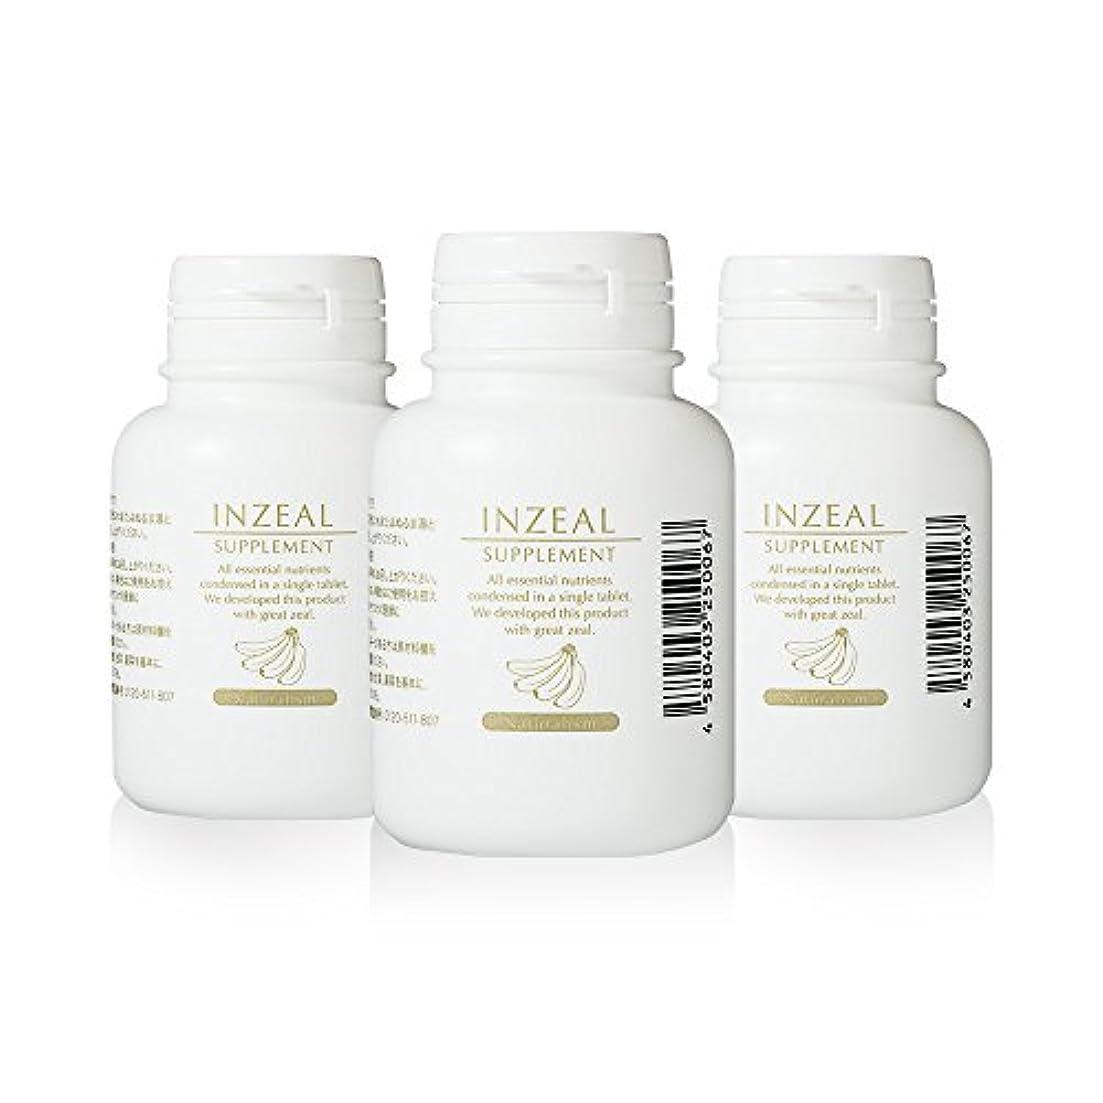 注ぎますバルーン人気のINZEAL サプリメント 90粒 3本セット